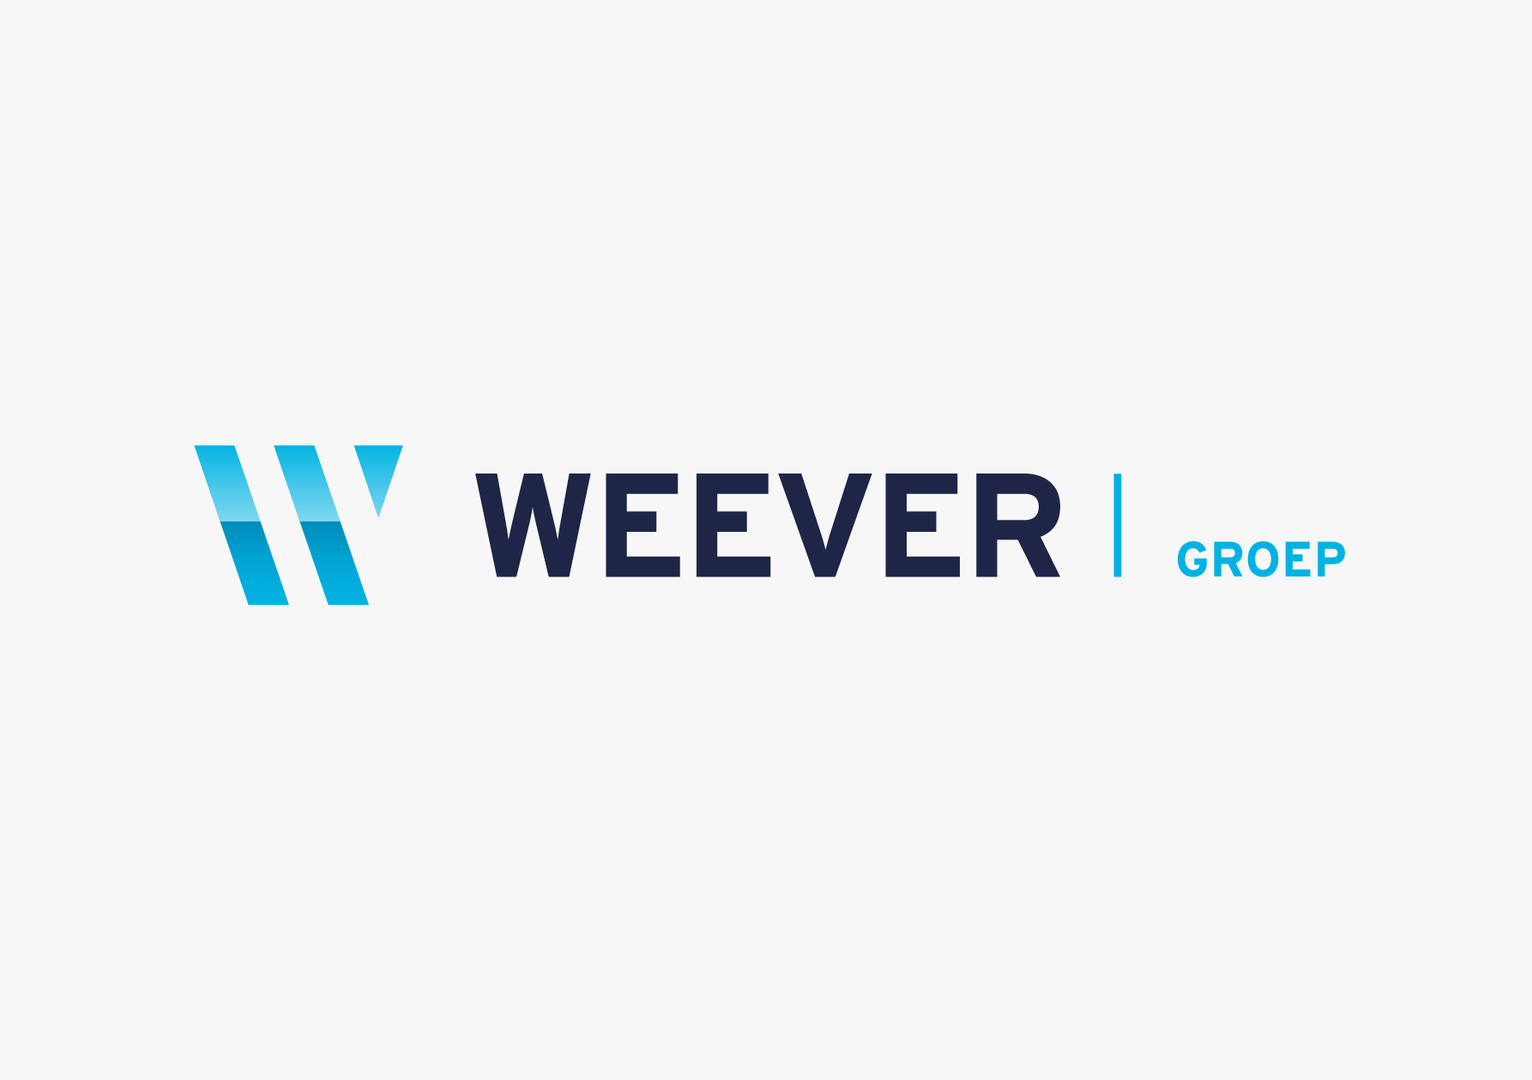 Weever - bouw gerelateerde bedrijvengroep